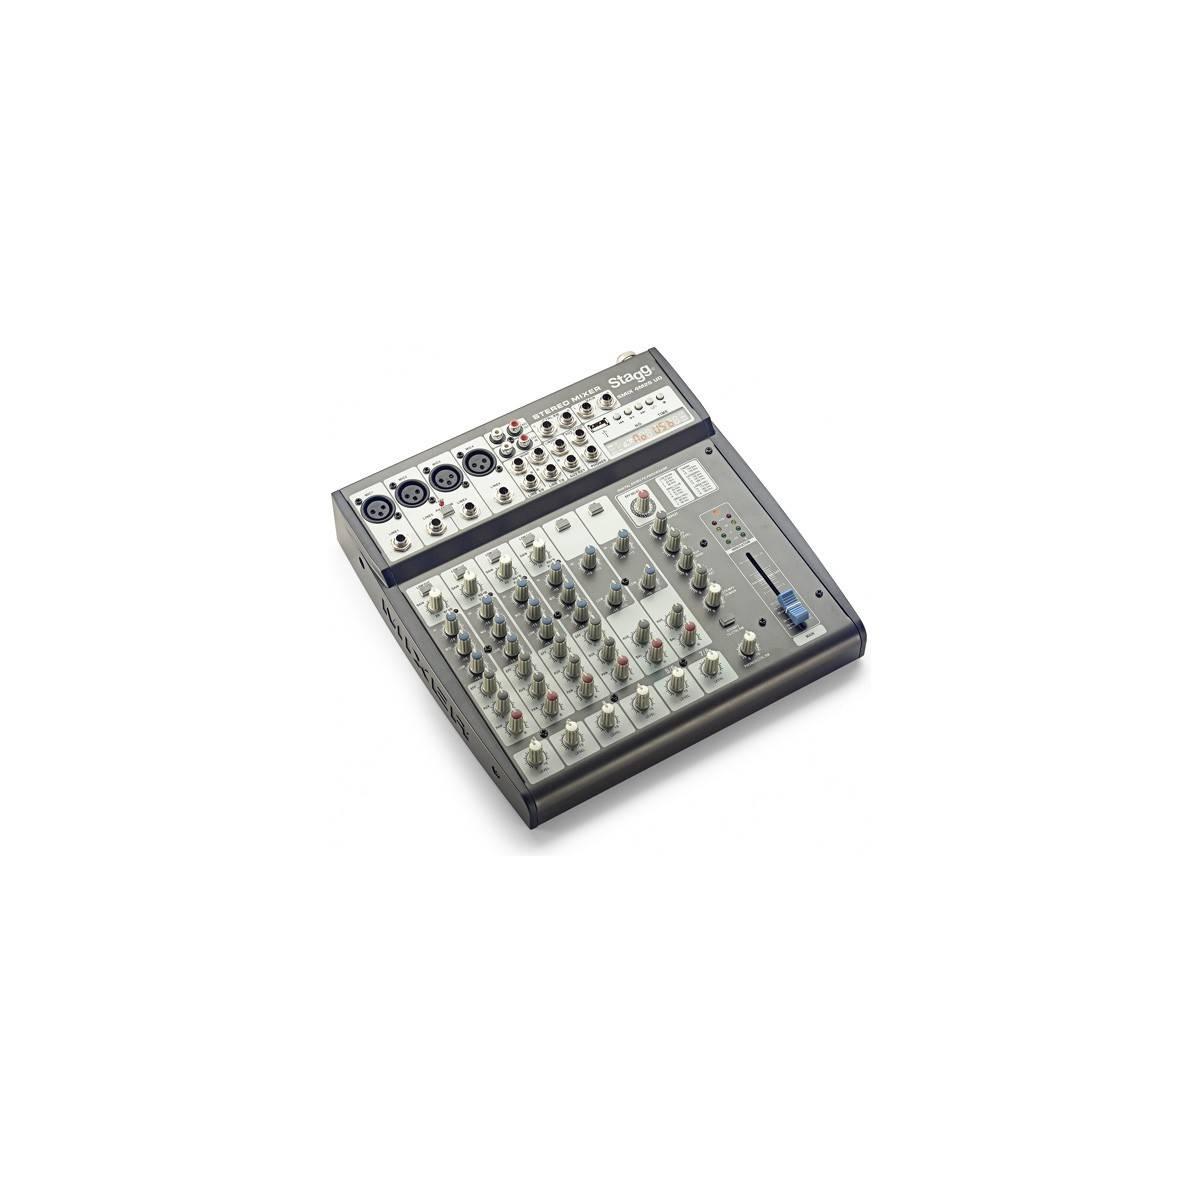 Table de mixage 6 pistes + Effets intégrés + USB